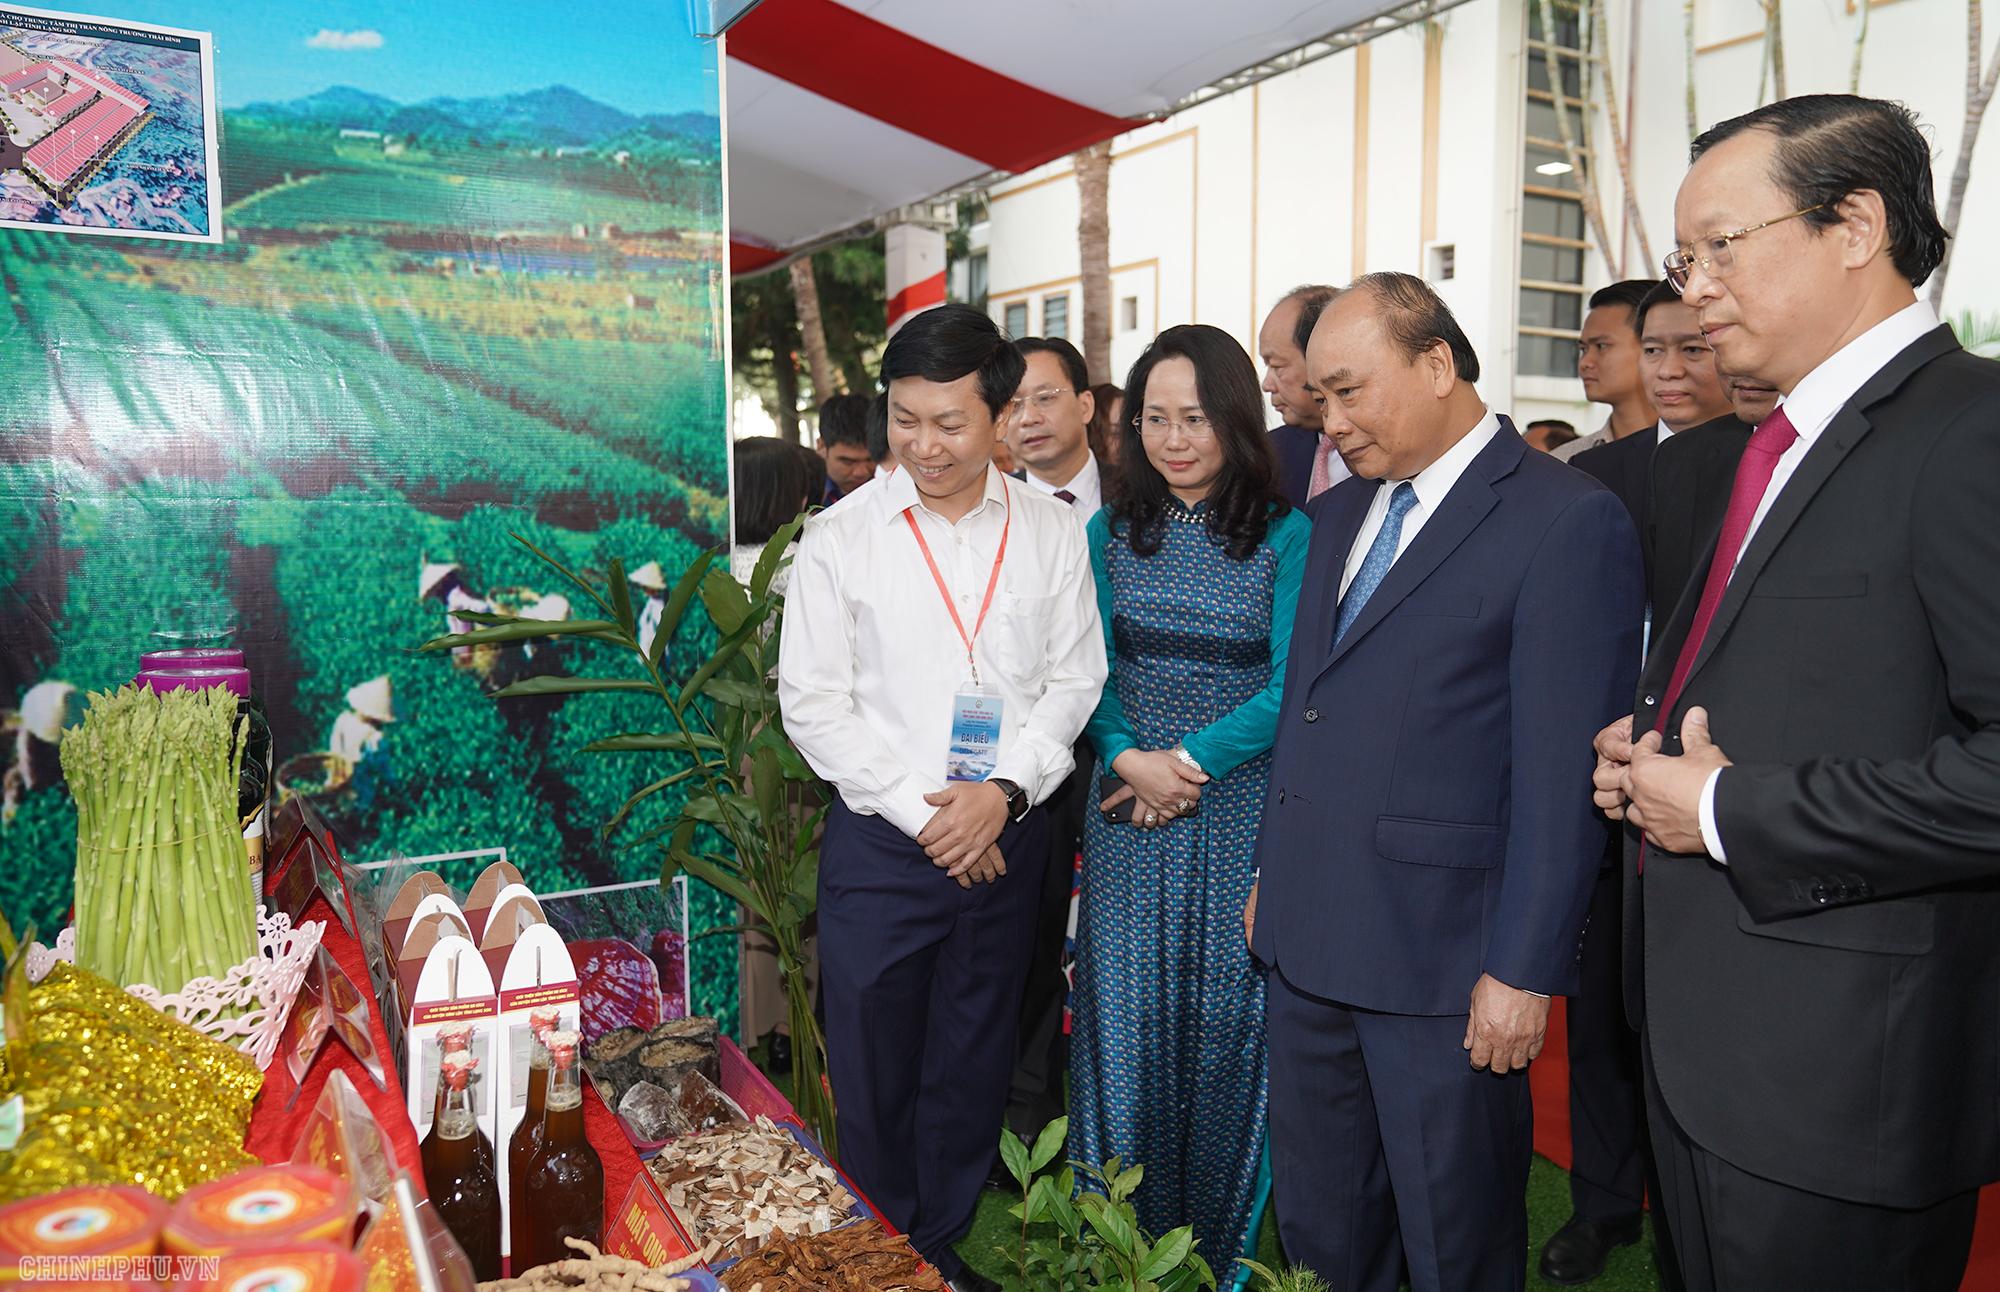 Thủ tướng Chính phủ Nguyễn Xuân Phúc đi thăm các gian trưng bày sản phẩm tại Hội nghị.